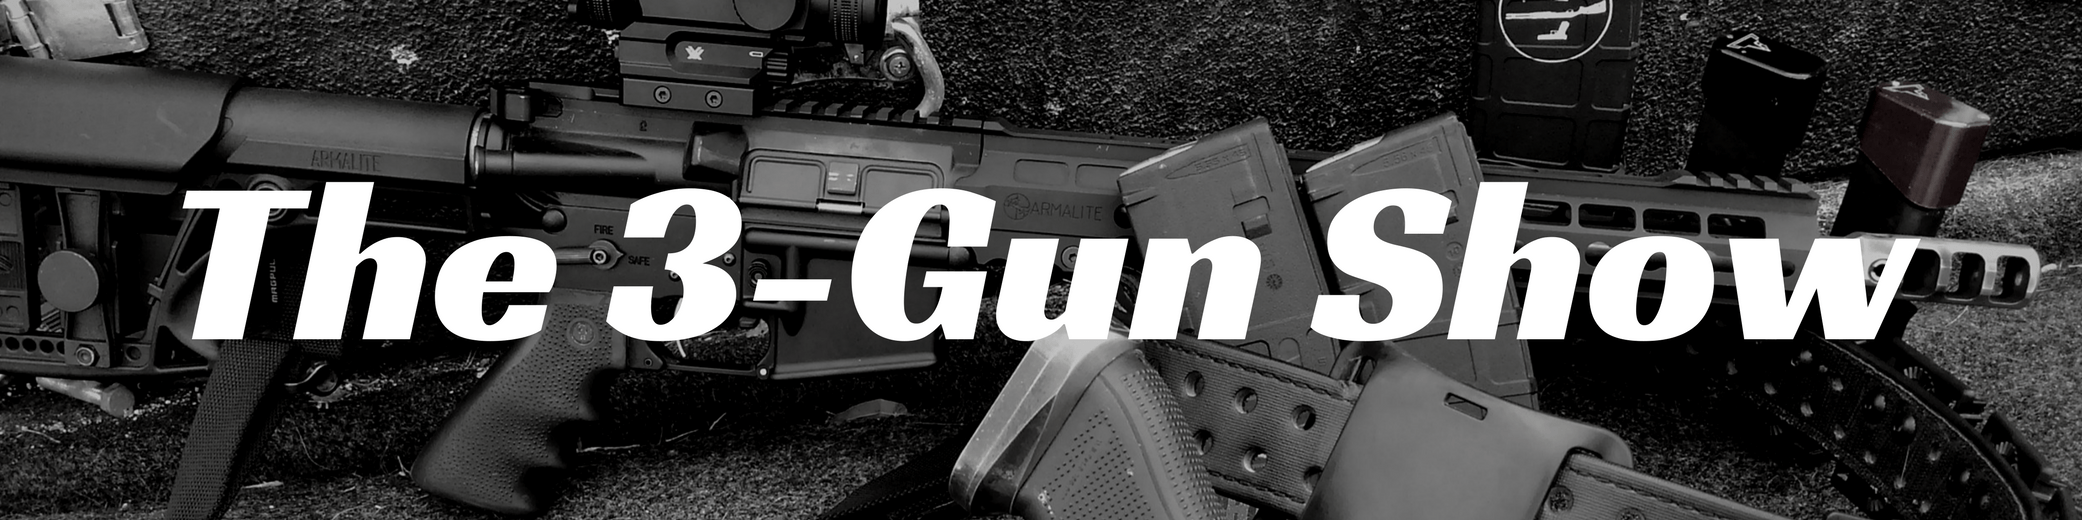 The 3-Gun Show